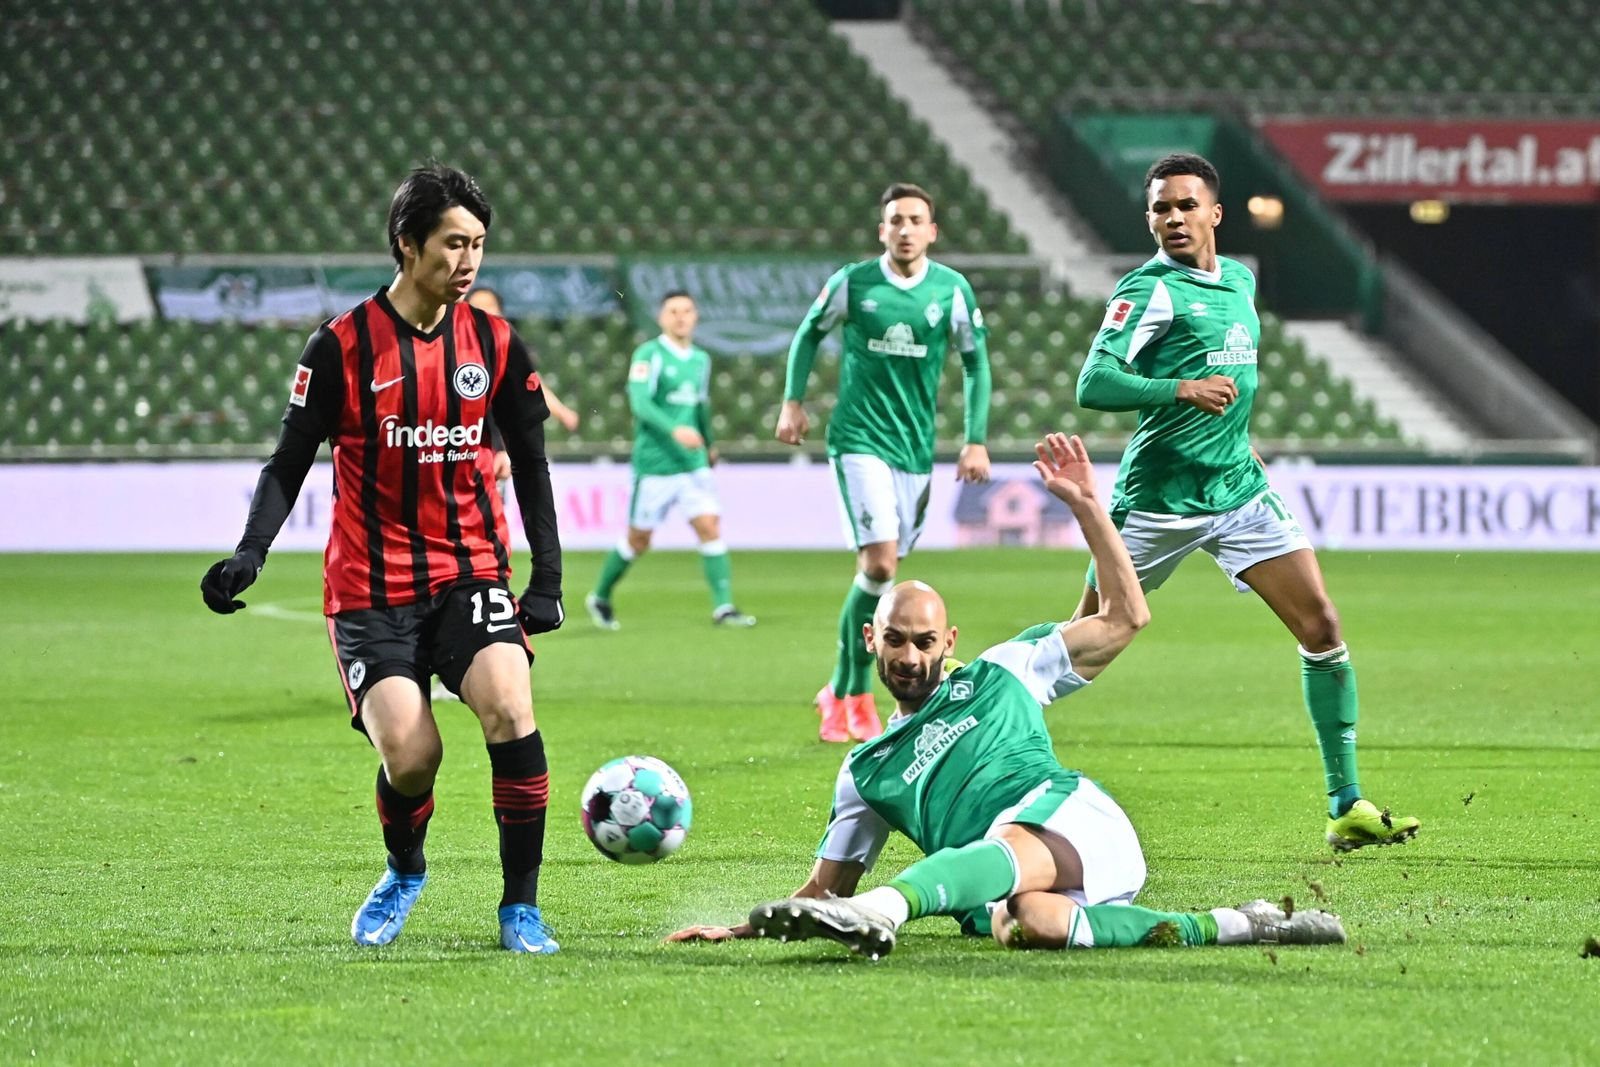 GER, SV Werder Bremen vs Eintracht Frankfurt / 26.02.2021, wohninvest Weserstadion,Bremen, GER, GER, SV Werder Bremen v